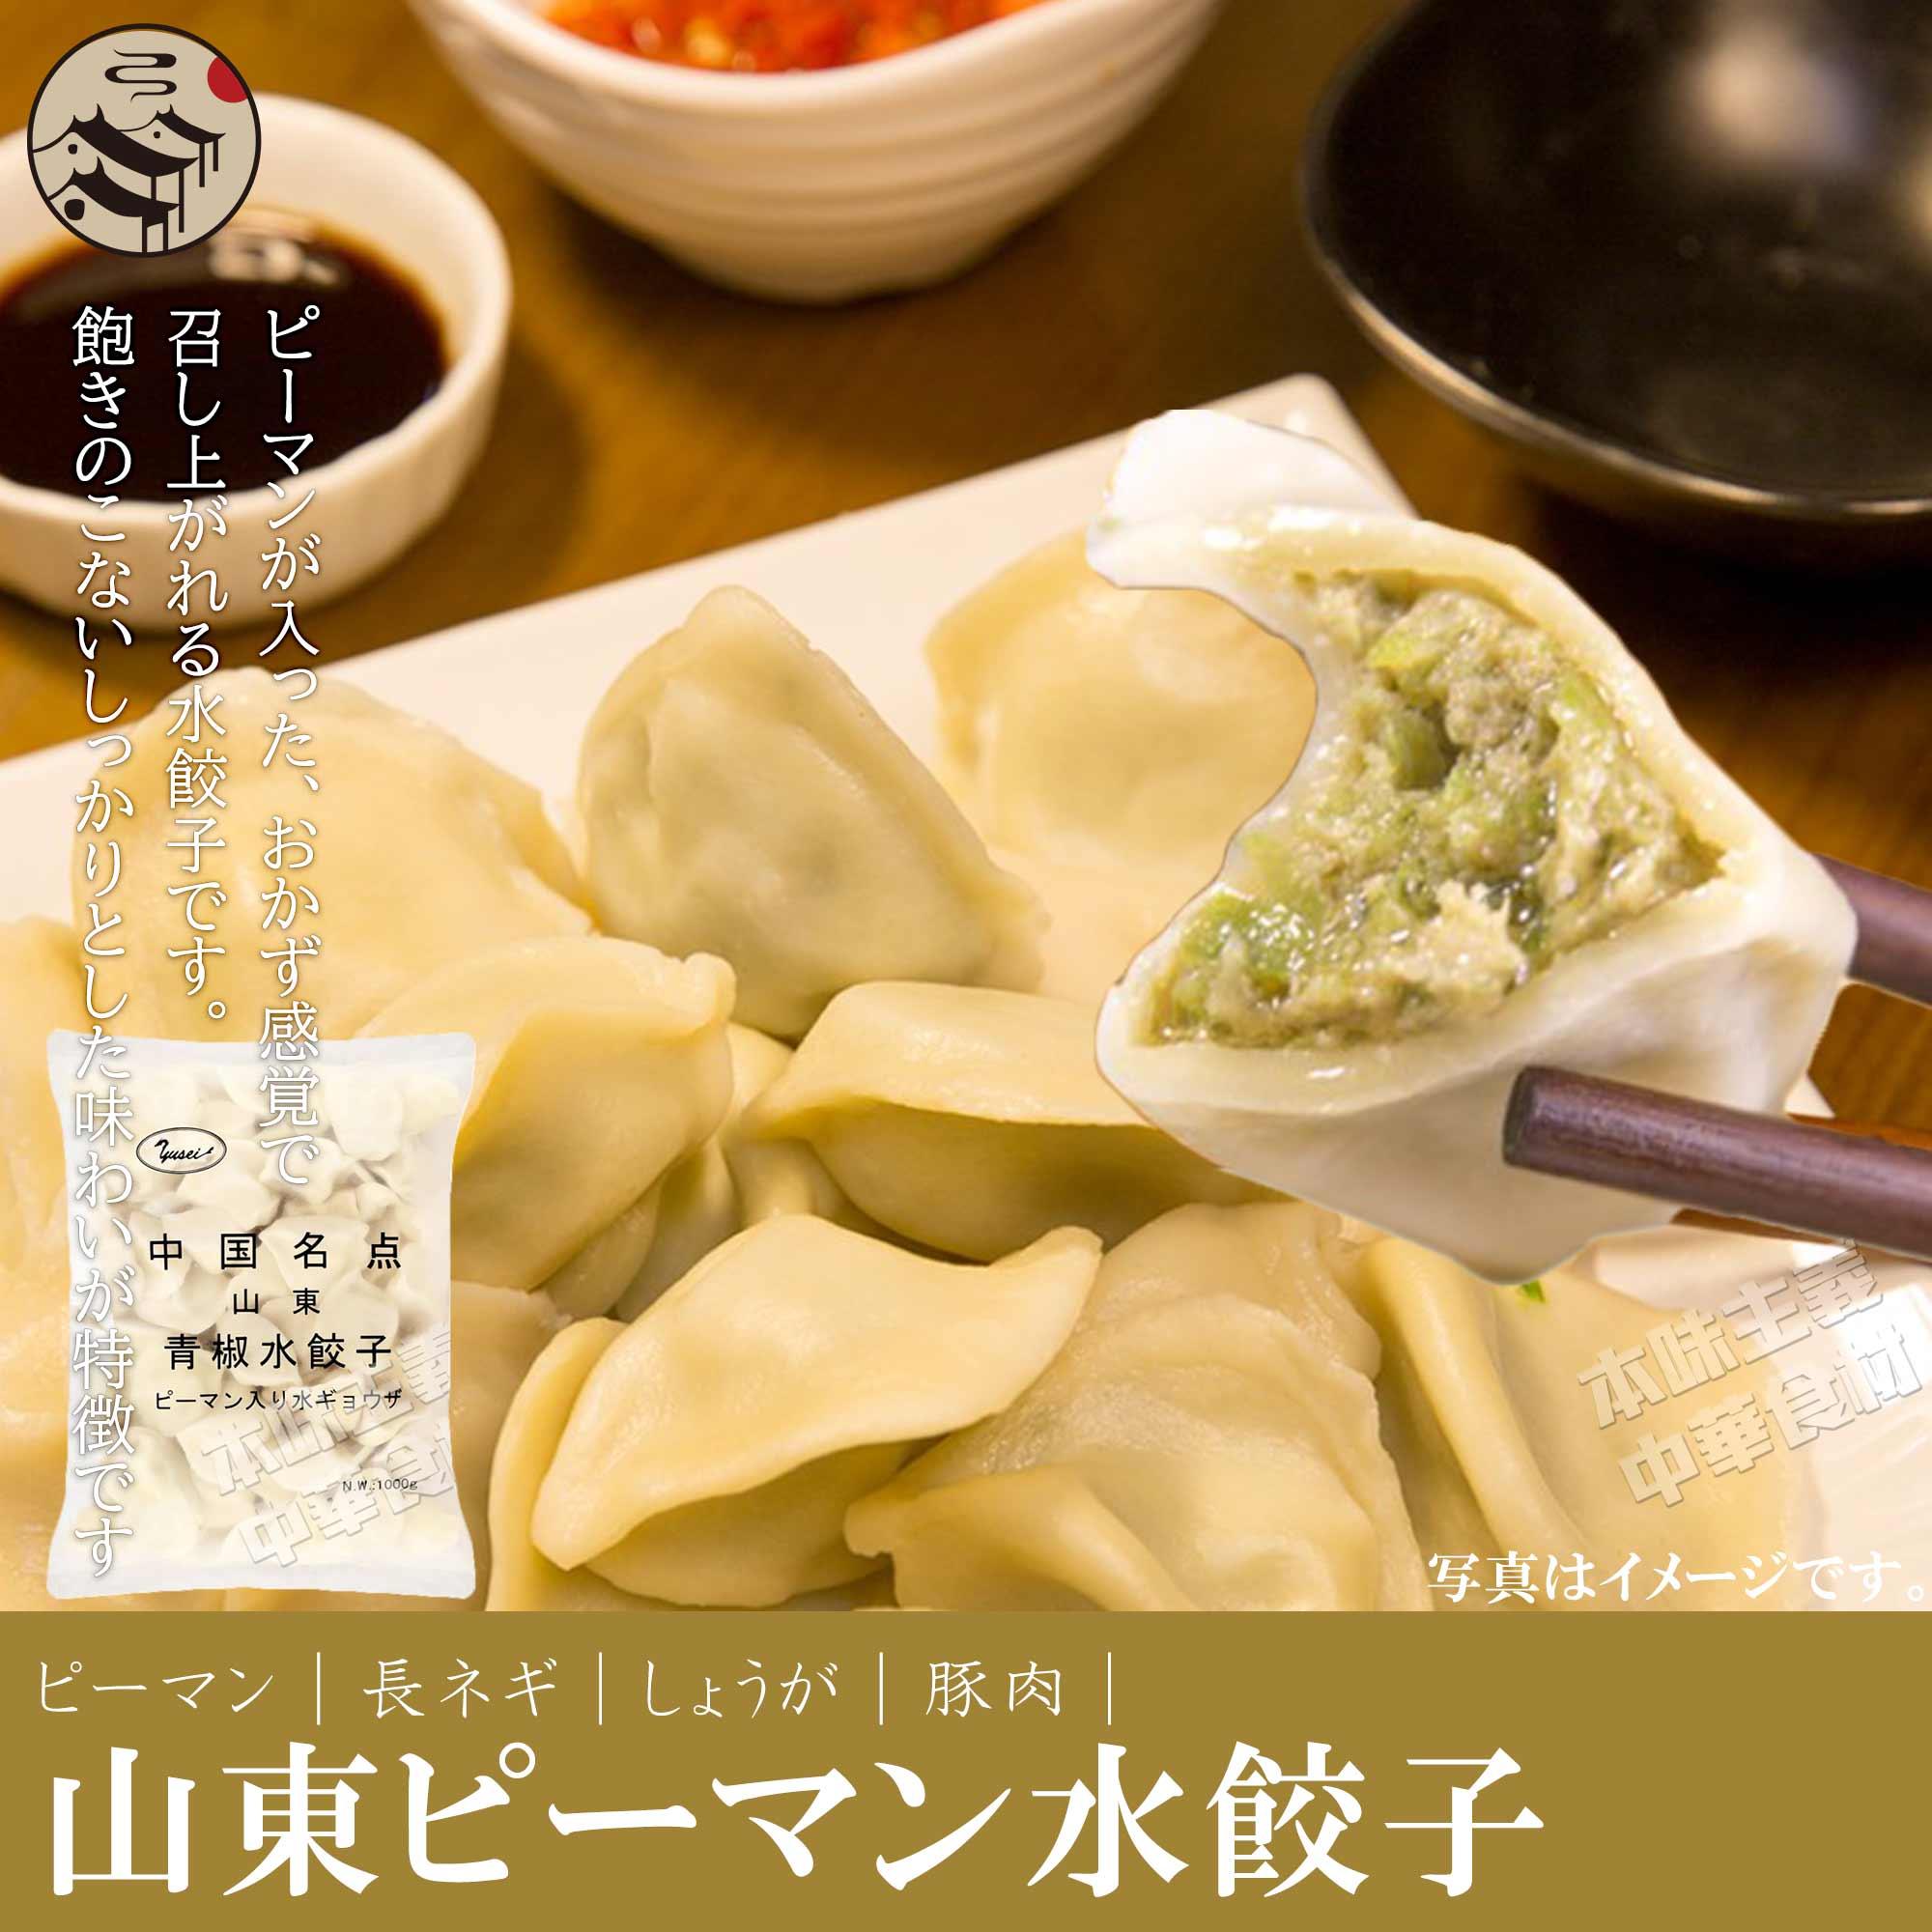 中国名点山東青椒水餃子(ピーマン入りモチモチ水ギョーザ)1kg お得! 中華料理人気商品・中国名物・ピーマン・ゆでるだけでできる!